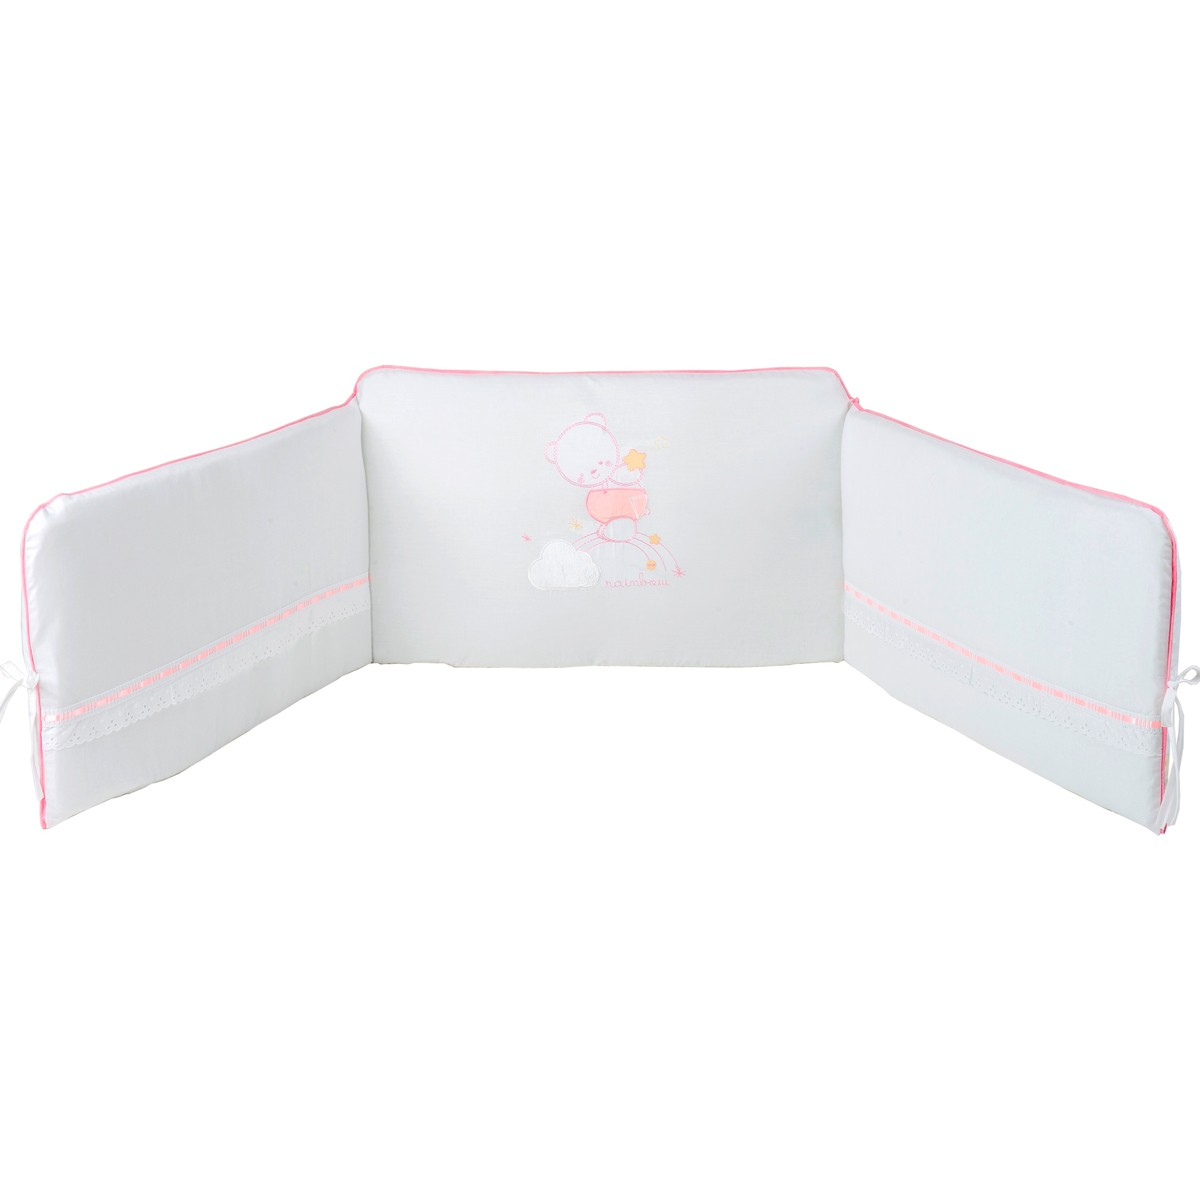 Πάντα Κούνιας Κόσμος Του Μωρού 7931 Rainbow Ροζ home   βρεφικά   πάντες βρεφικές